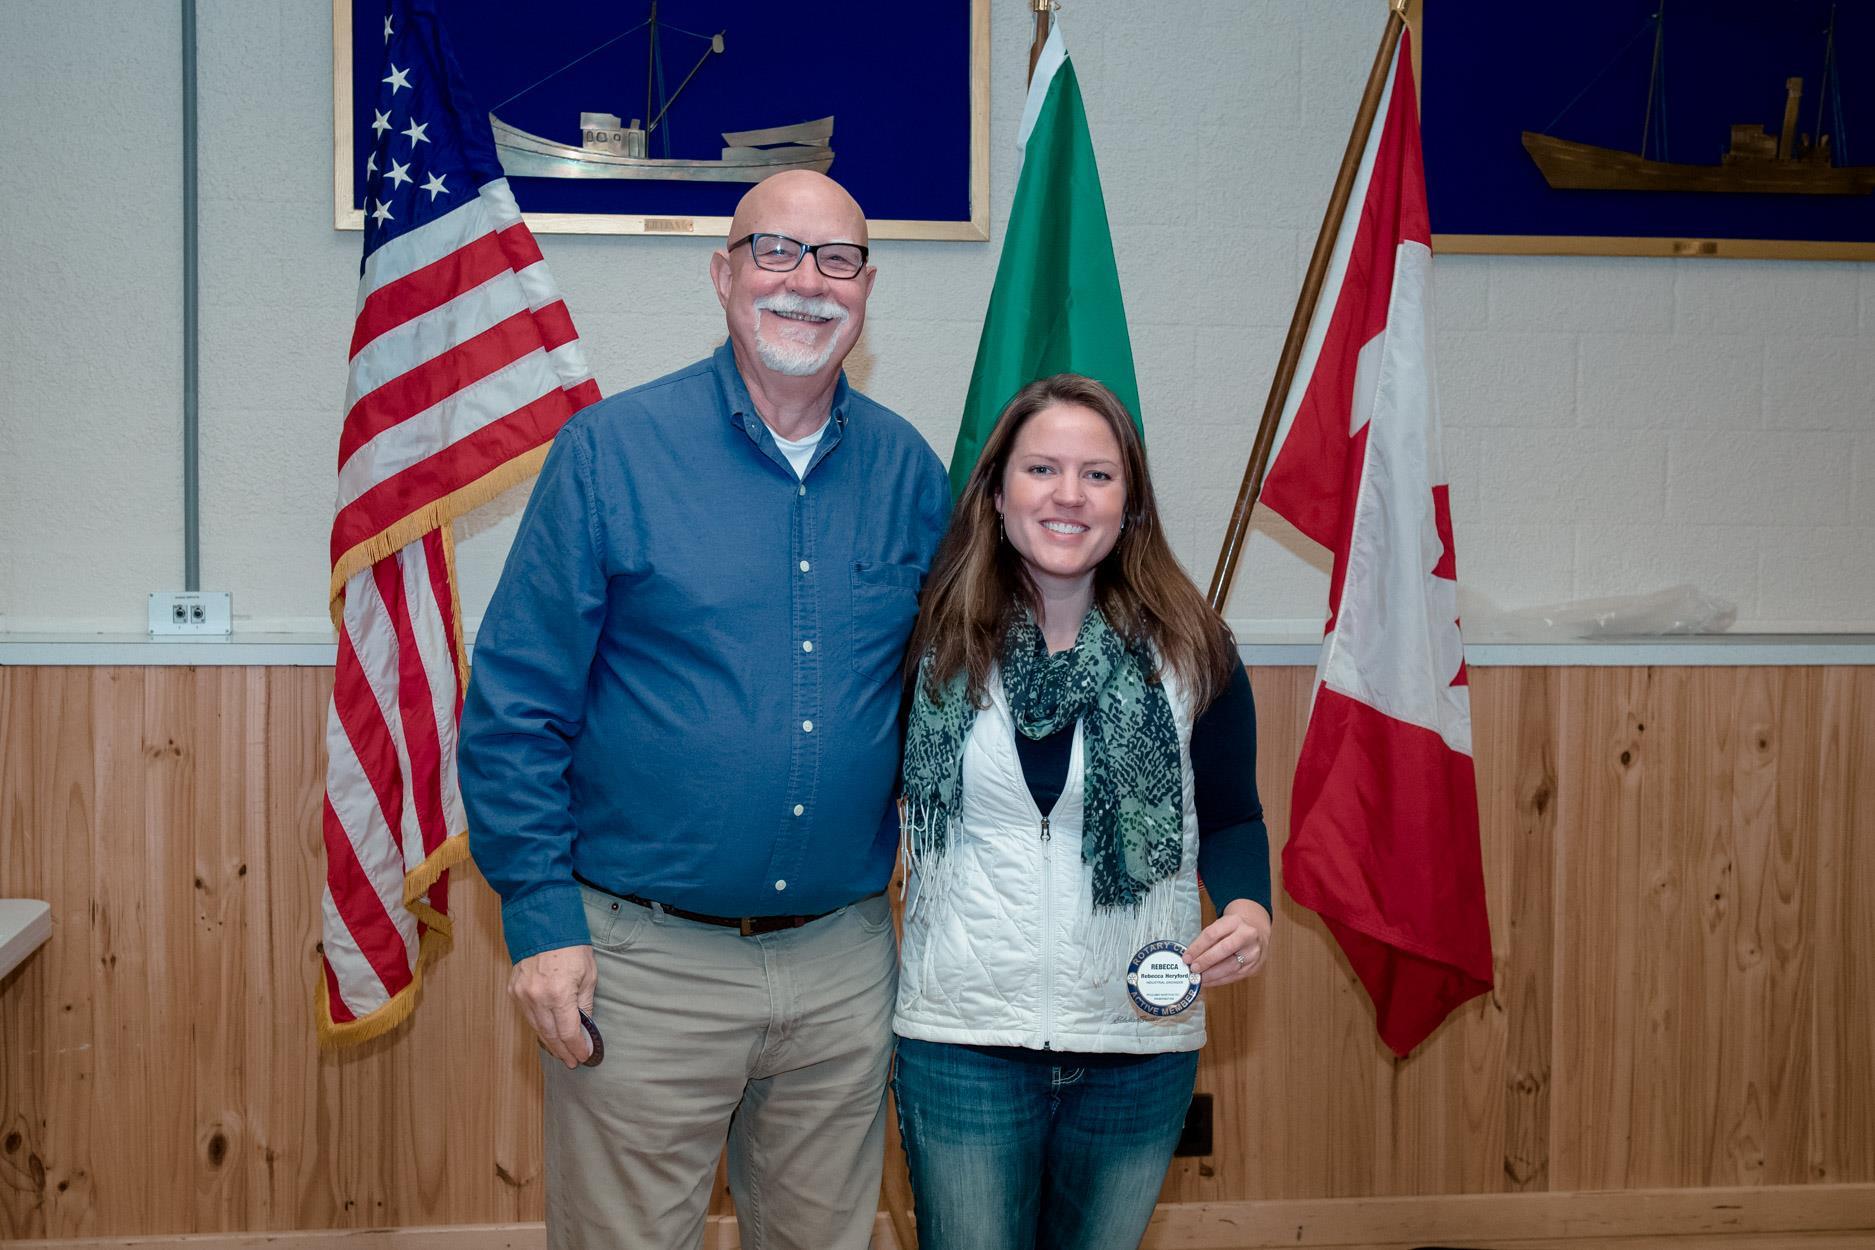 Joe Hulsey and Rebecca Heryford earn Blue Badges